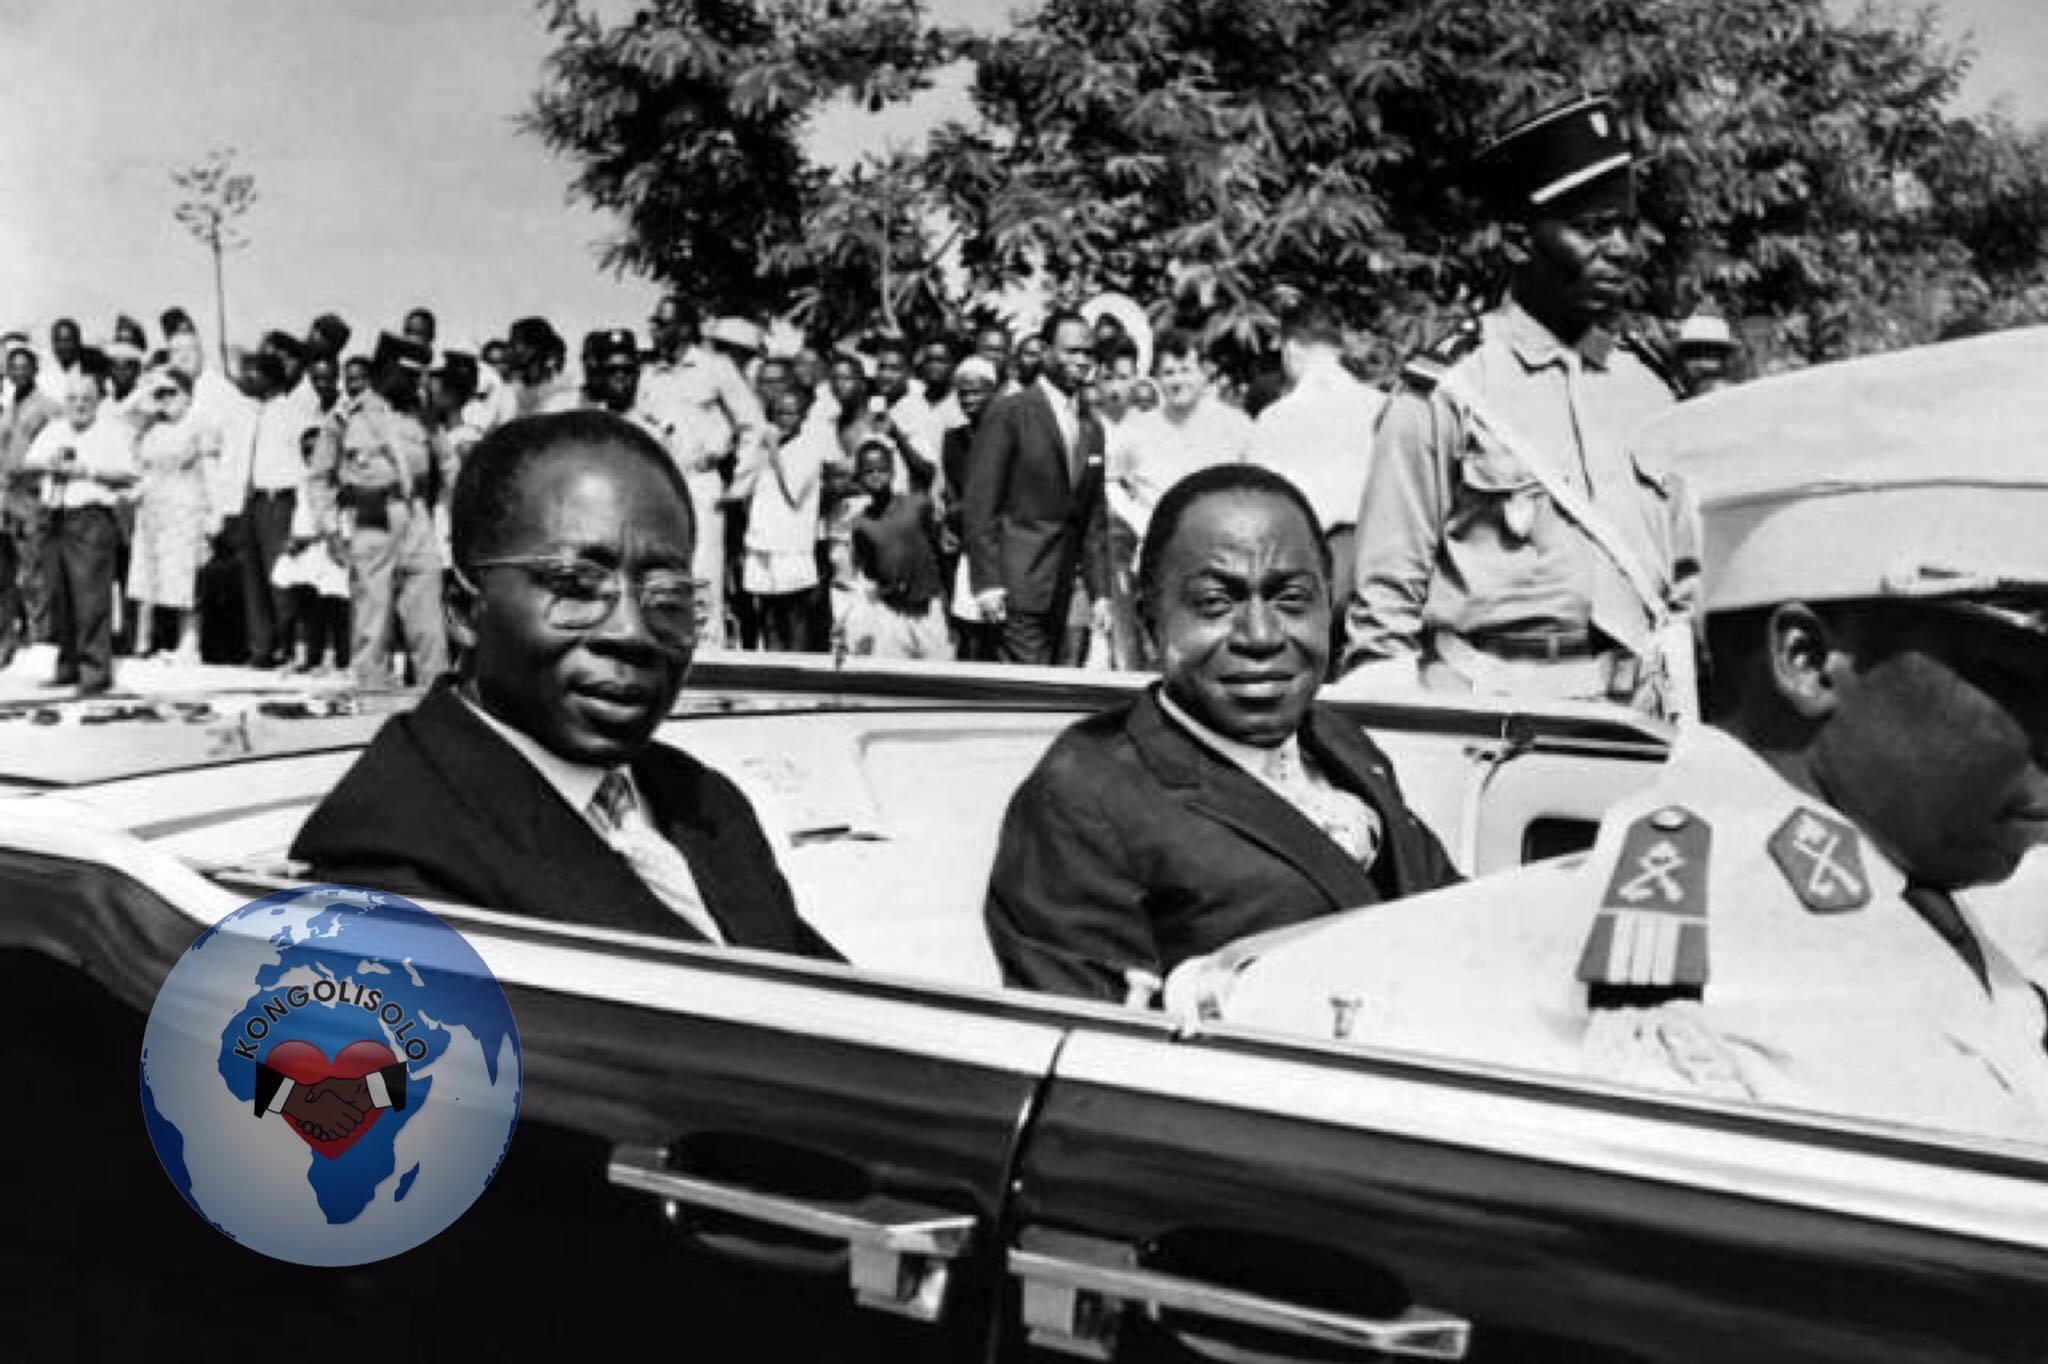 Lynchons, ces deux grands traîtres pour acte de hautes trahisons envers l'Afrique : ils ont passé leur minable vie à lécher les bottes de leur maître et sont morts comme des insectes, chez le même maître qui les méprisait à hauteur de leur trahison envers l'Afrique